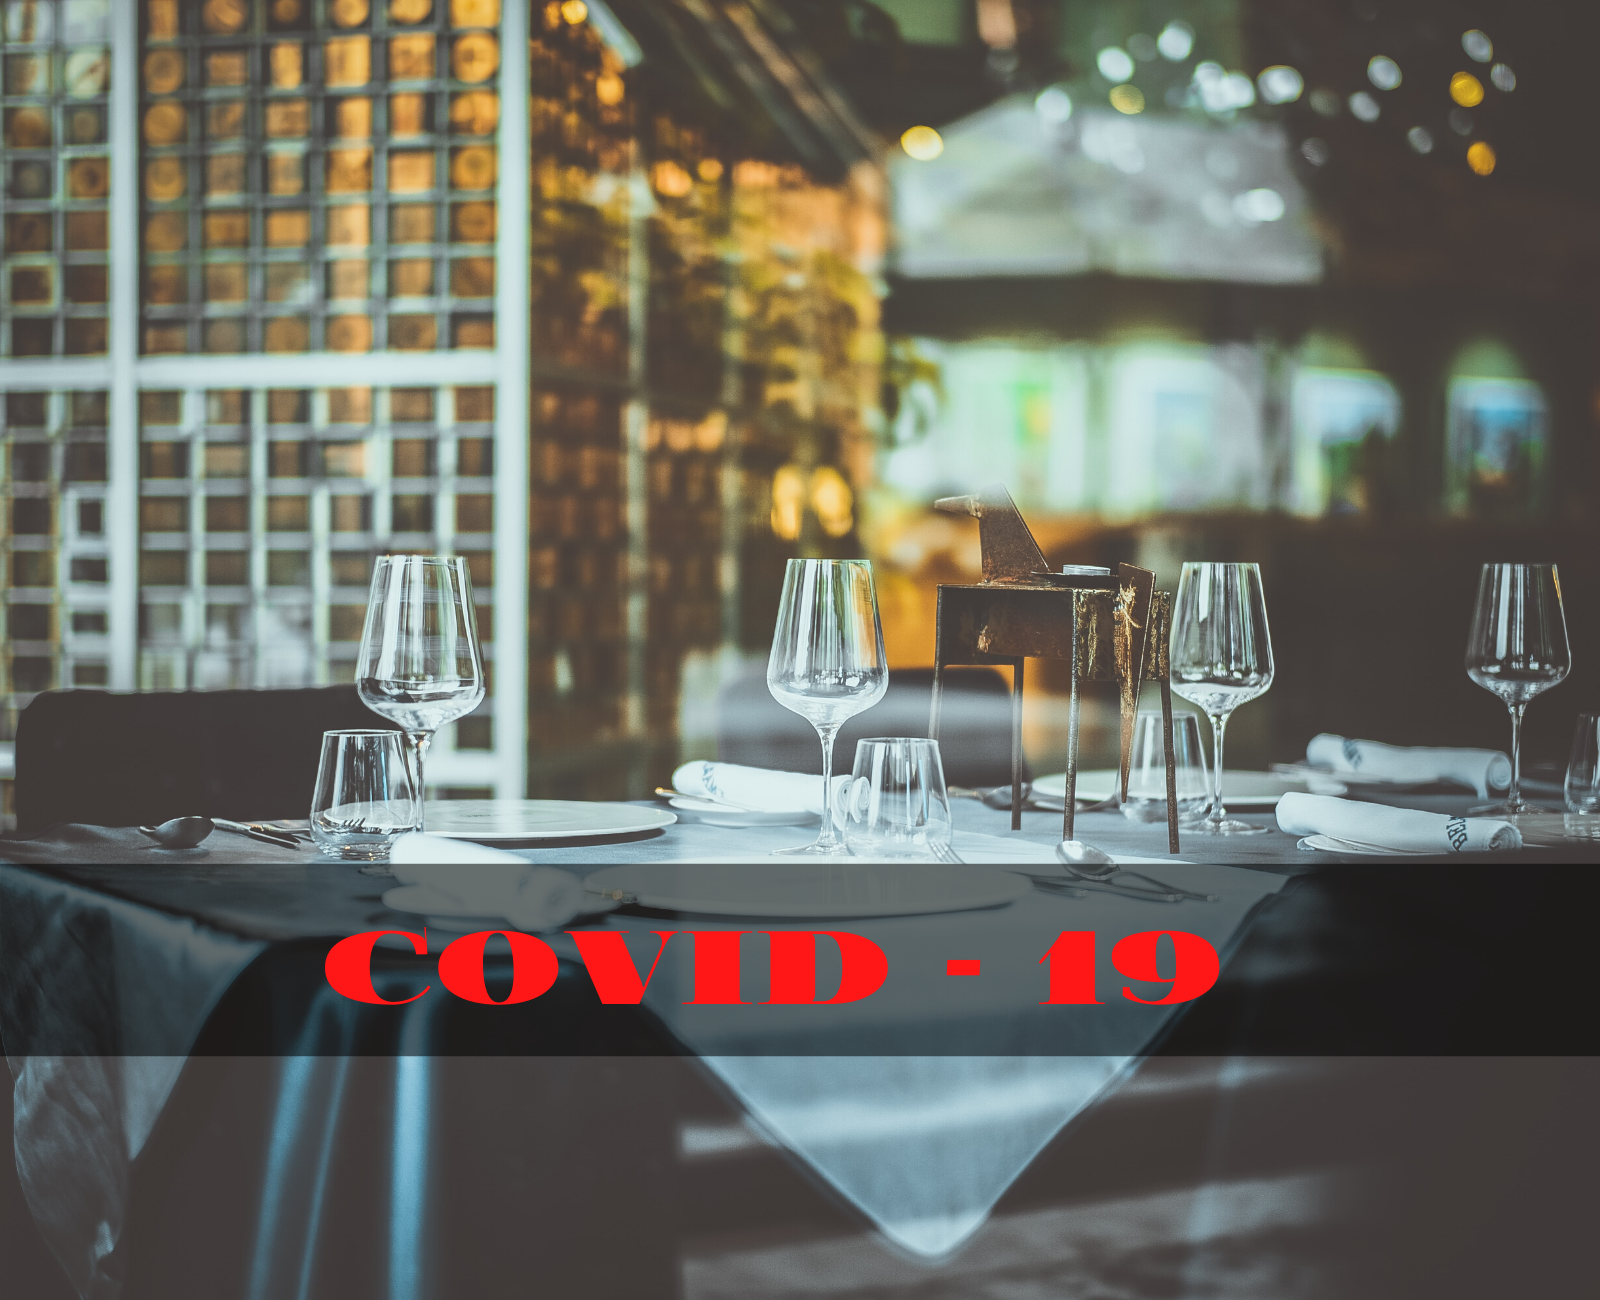 restorani-u-doba-pandemije-sibenik